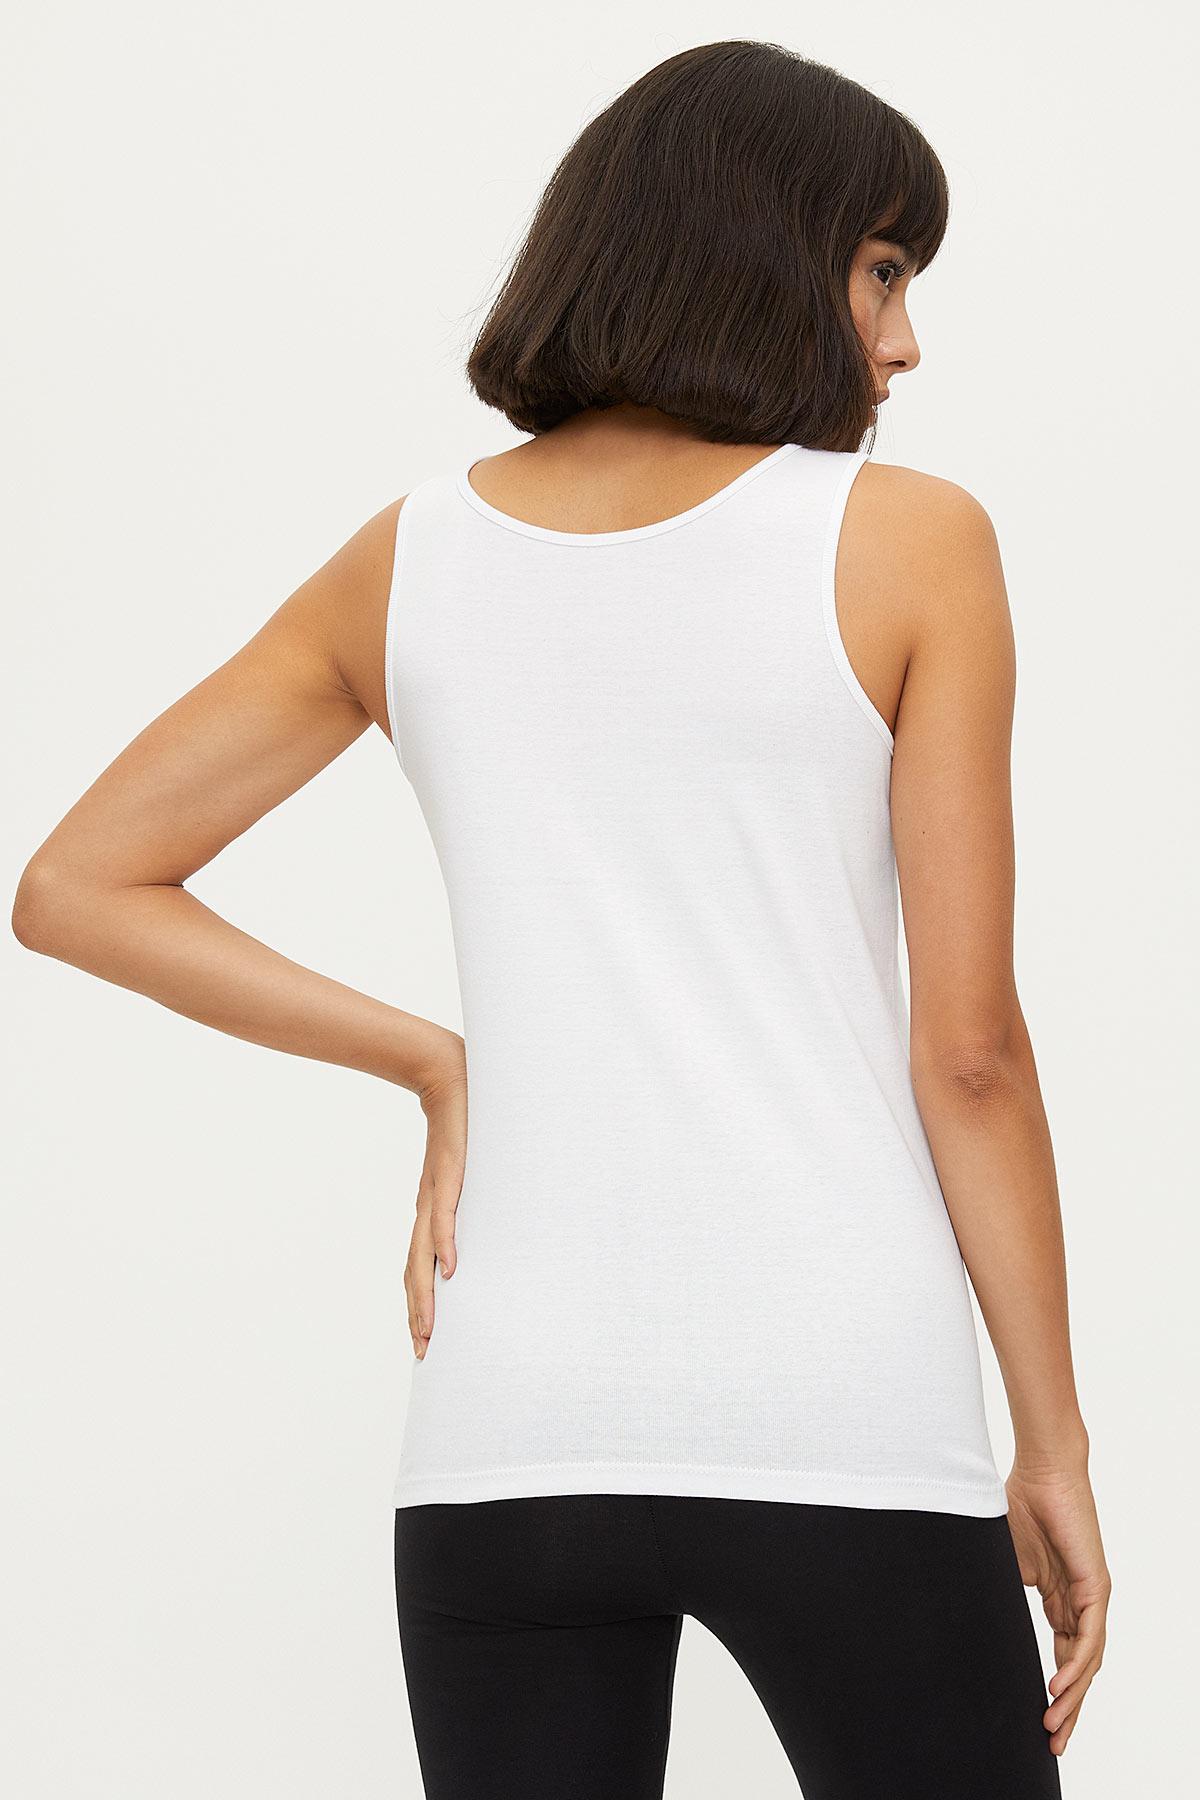 1249 100% Cotton Wide Strappy Women's Undershirt